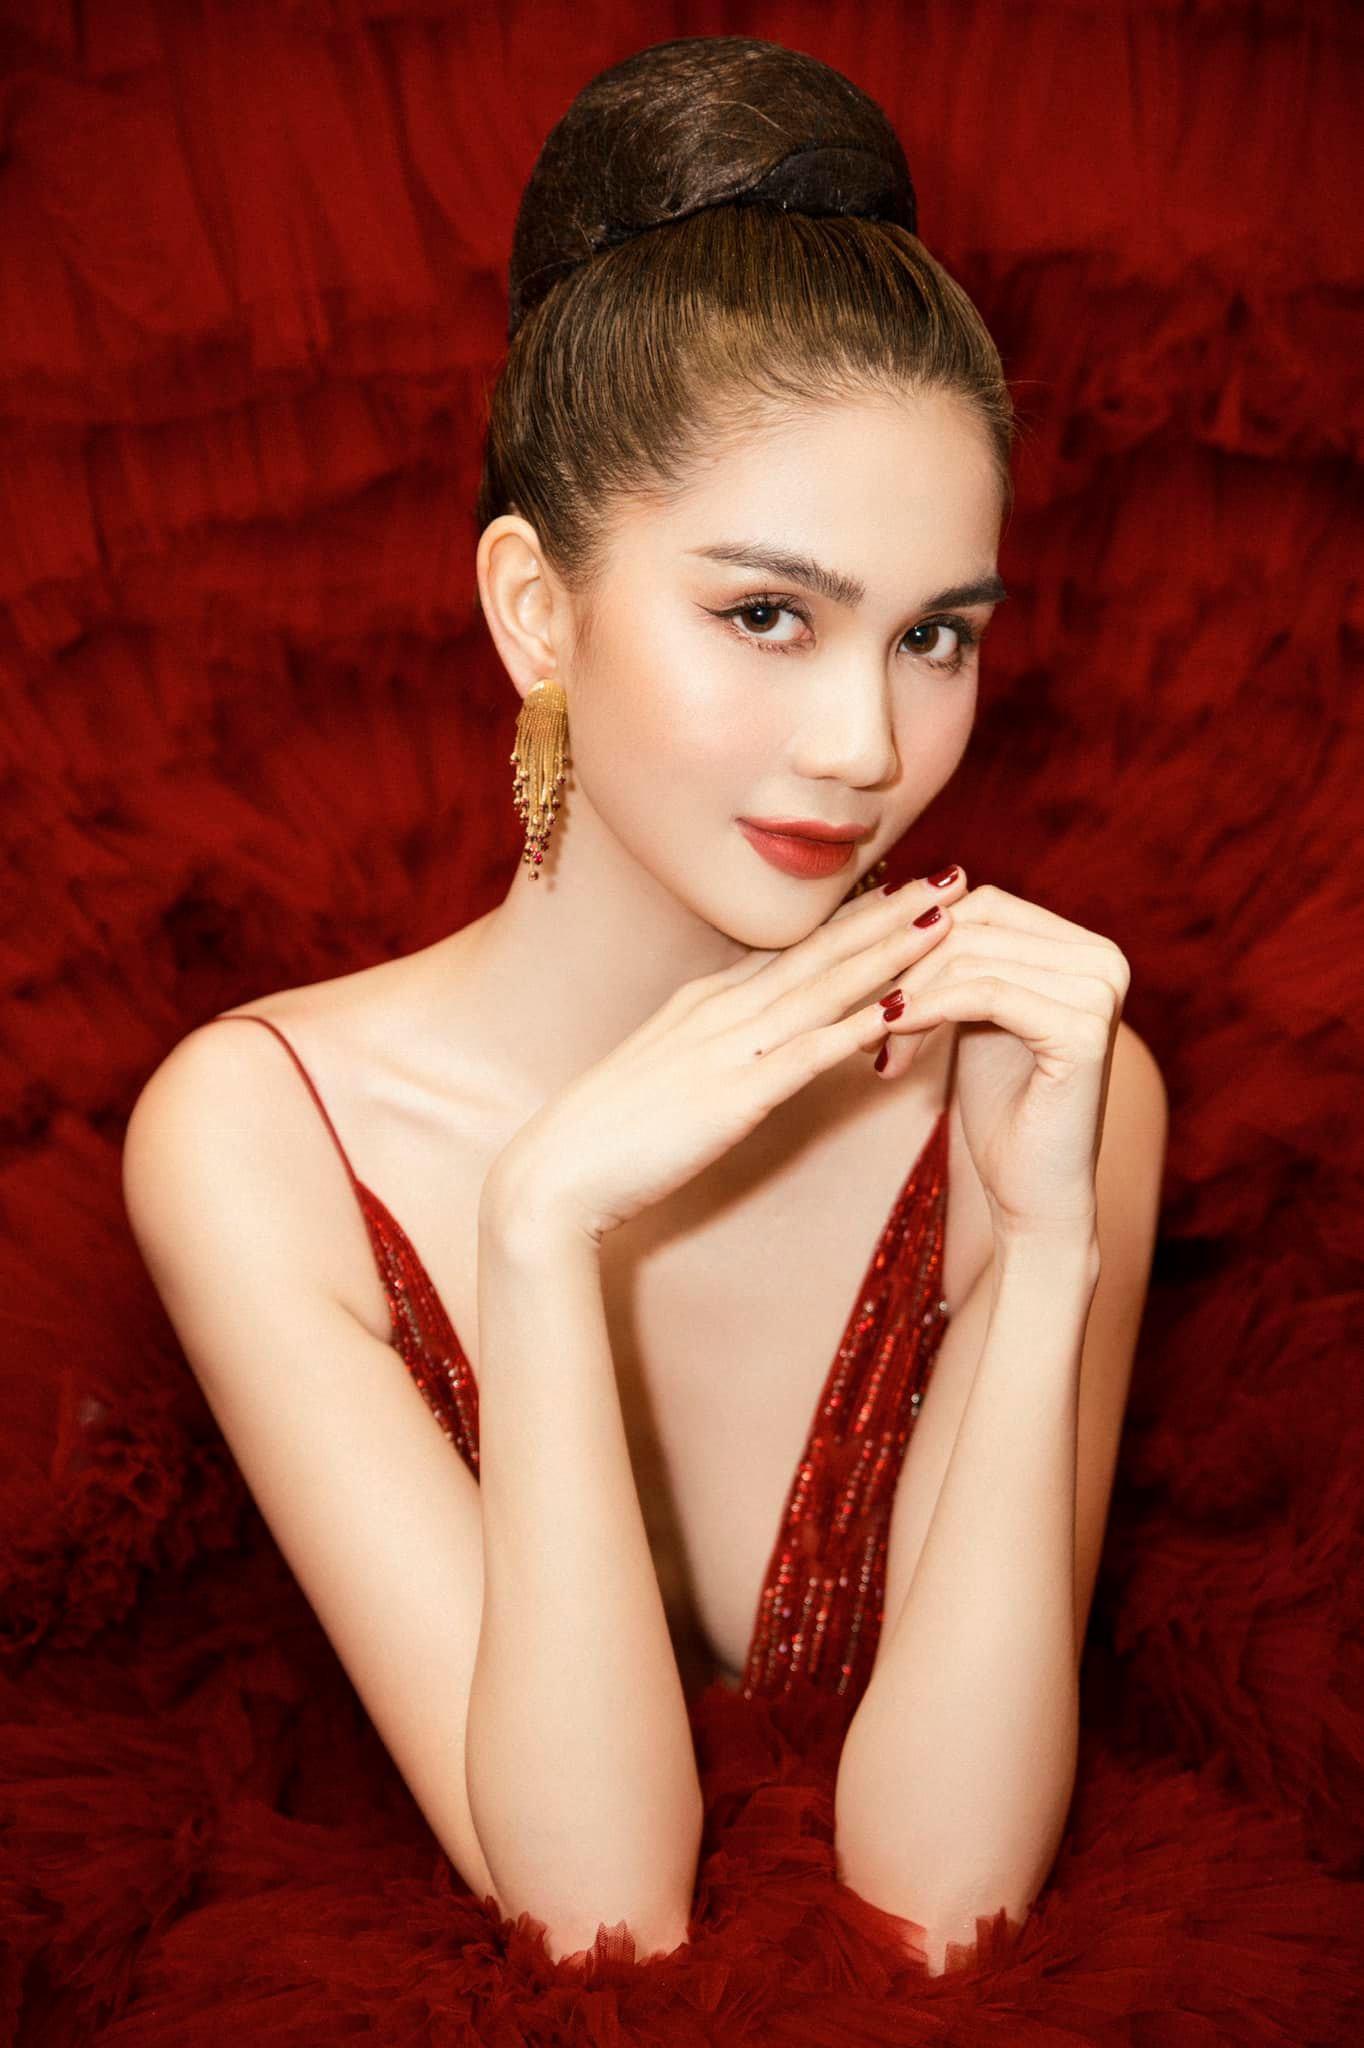 Chán hở bạo, Ngọc Trinh diện váy đỏ hóa thành công chúa lộng lẫy Ảnh 8